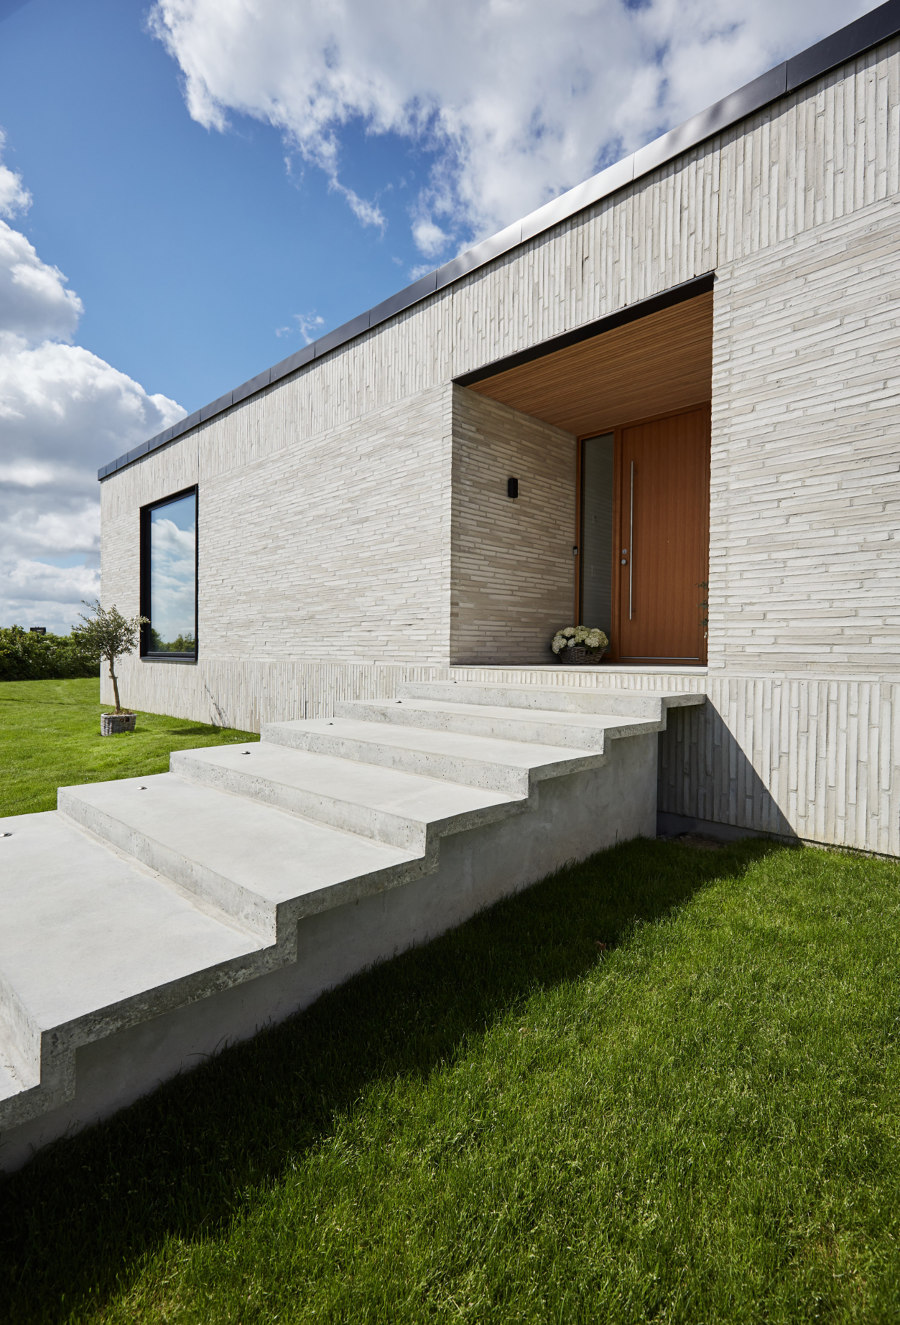 Poetic brickwork: RANDERS TEGL | News